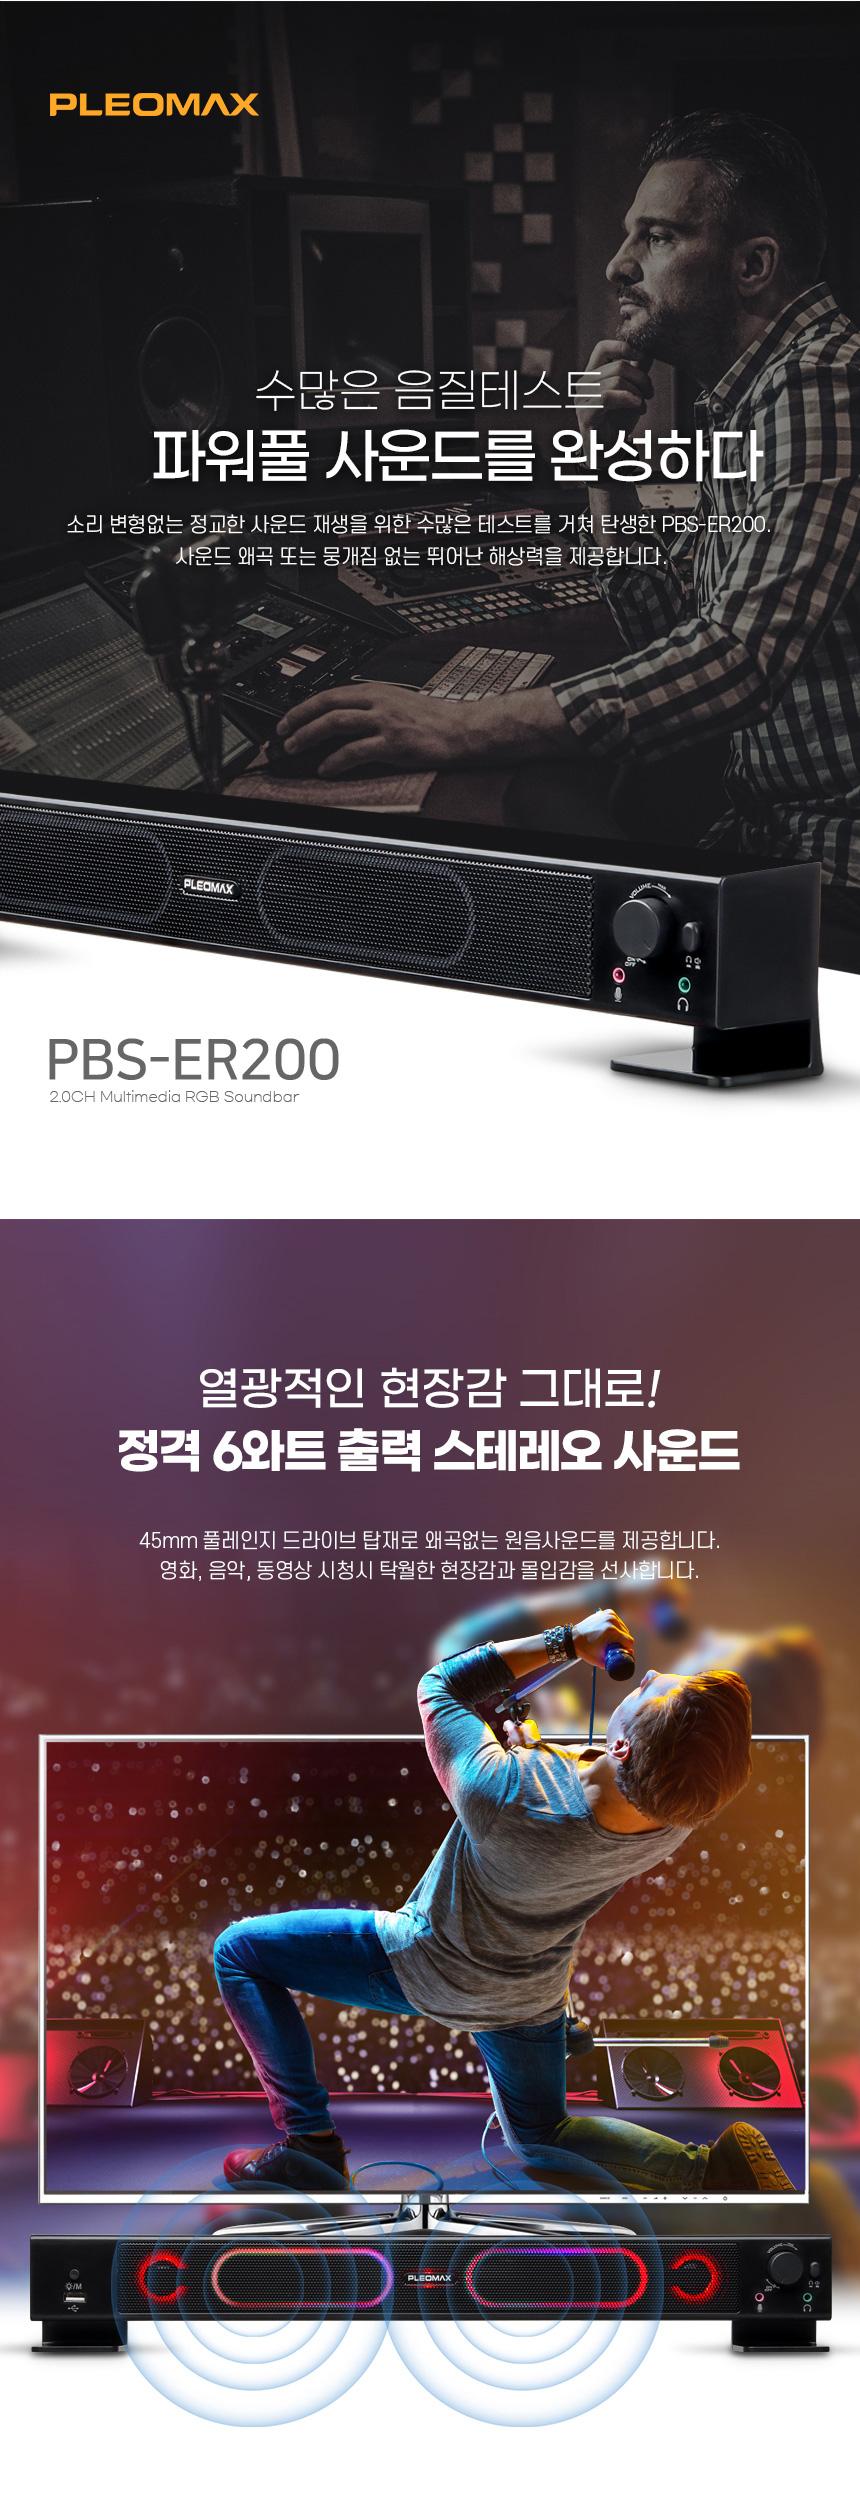 플레오맥스 PLEOMAX PBS-ER200 RGB